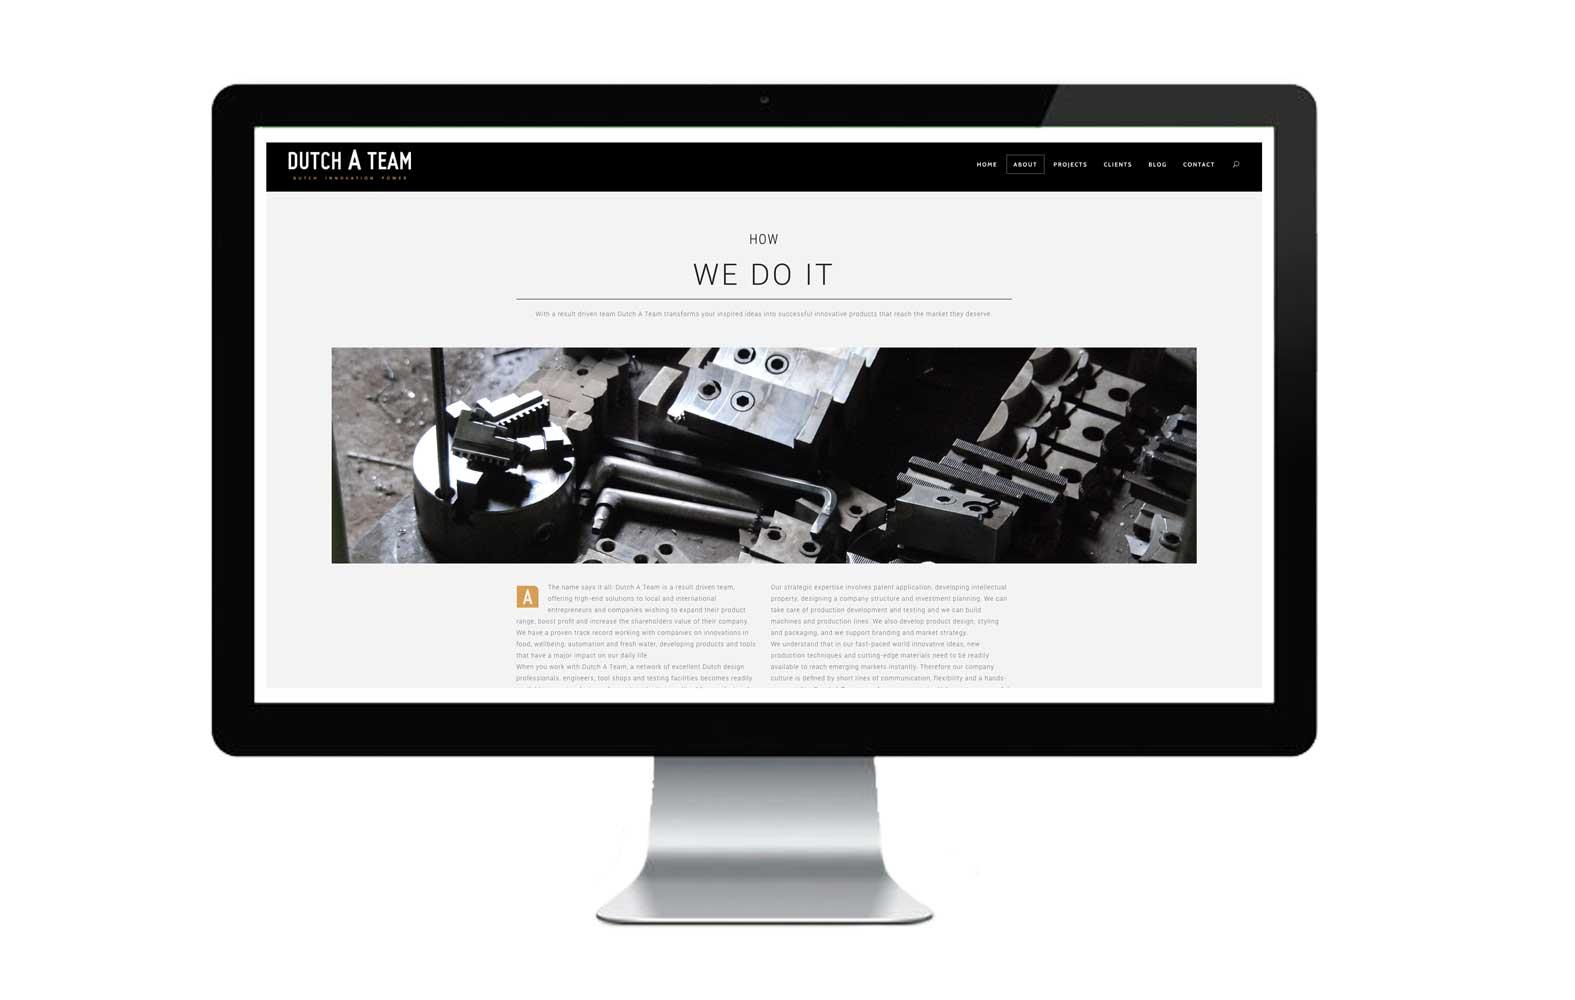 StudioErnst-DutchATeam-website4+